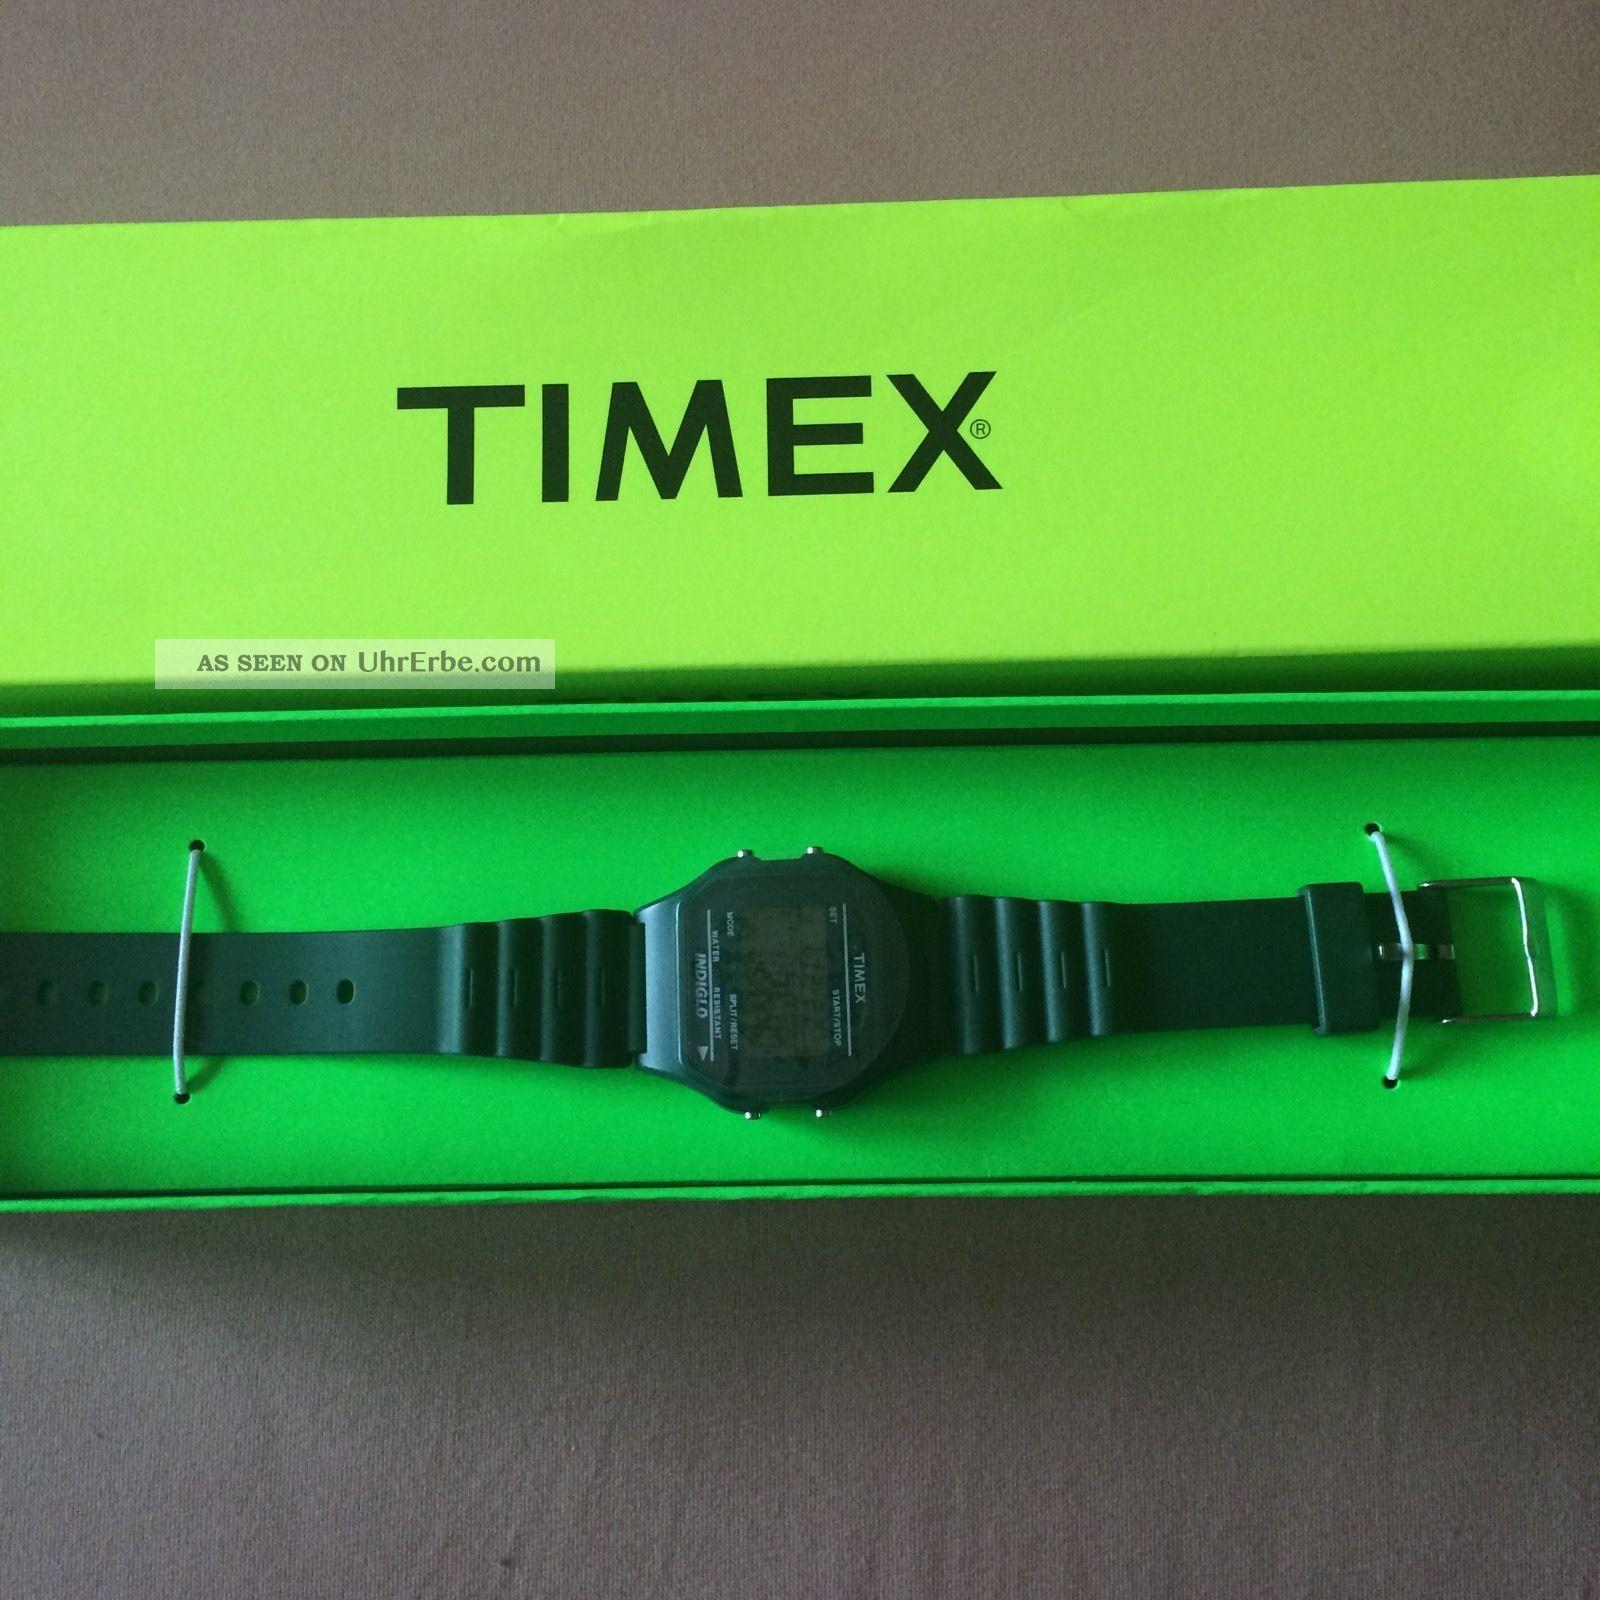 Timex Uhr Grün Uni Armbanduhren Bild